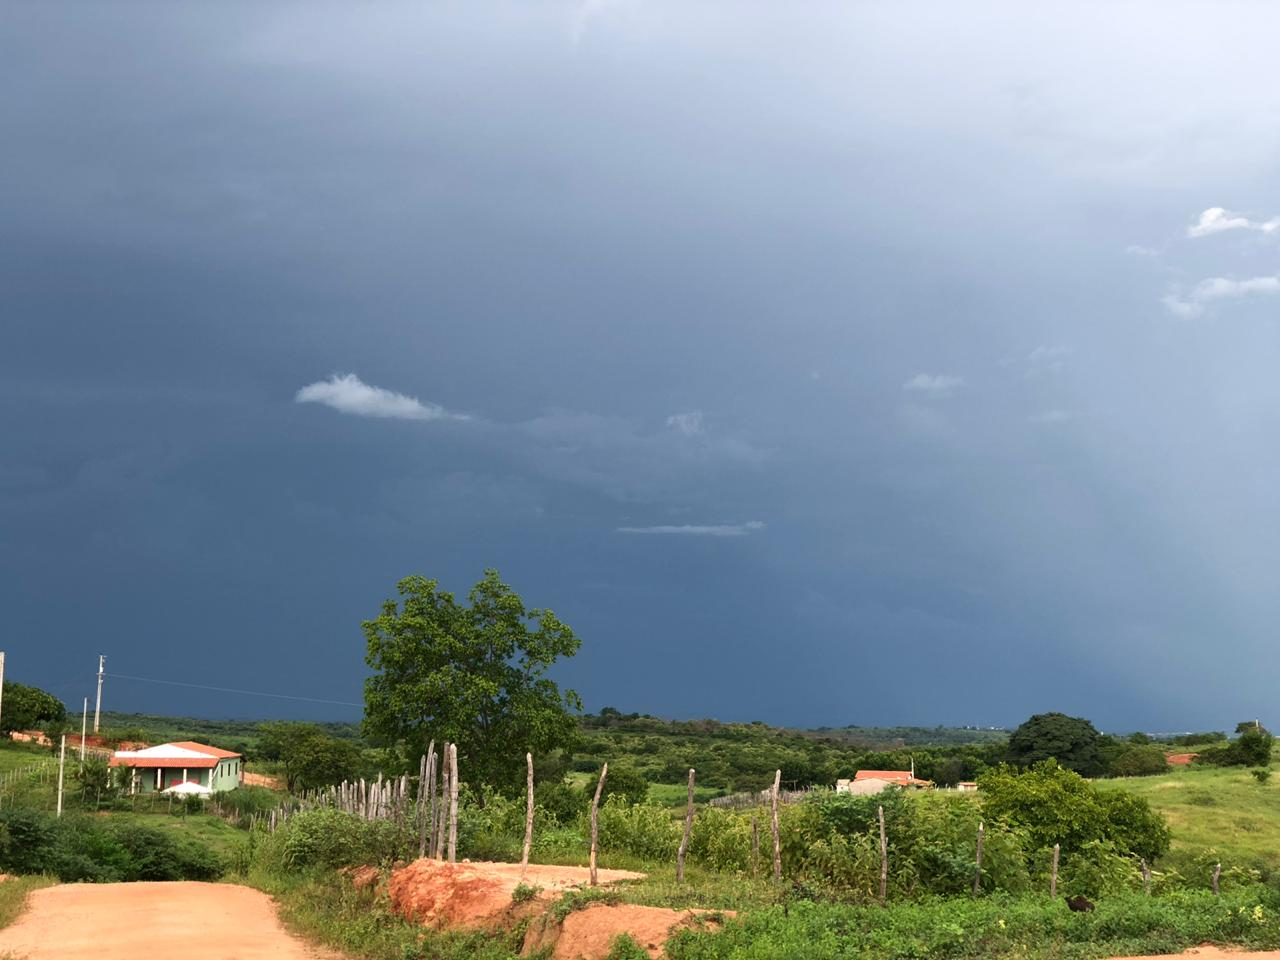 Proximidade da Zona de Convergẽncia Intertropical (ZCIT) deverá proporcioanr chuvas em todas as regiões (FOTO: Marciel Bezerra)